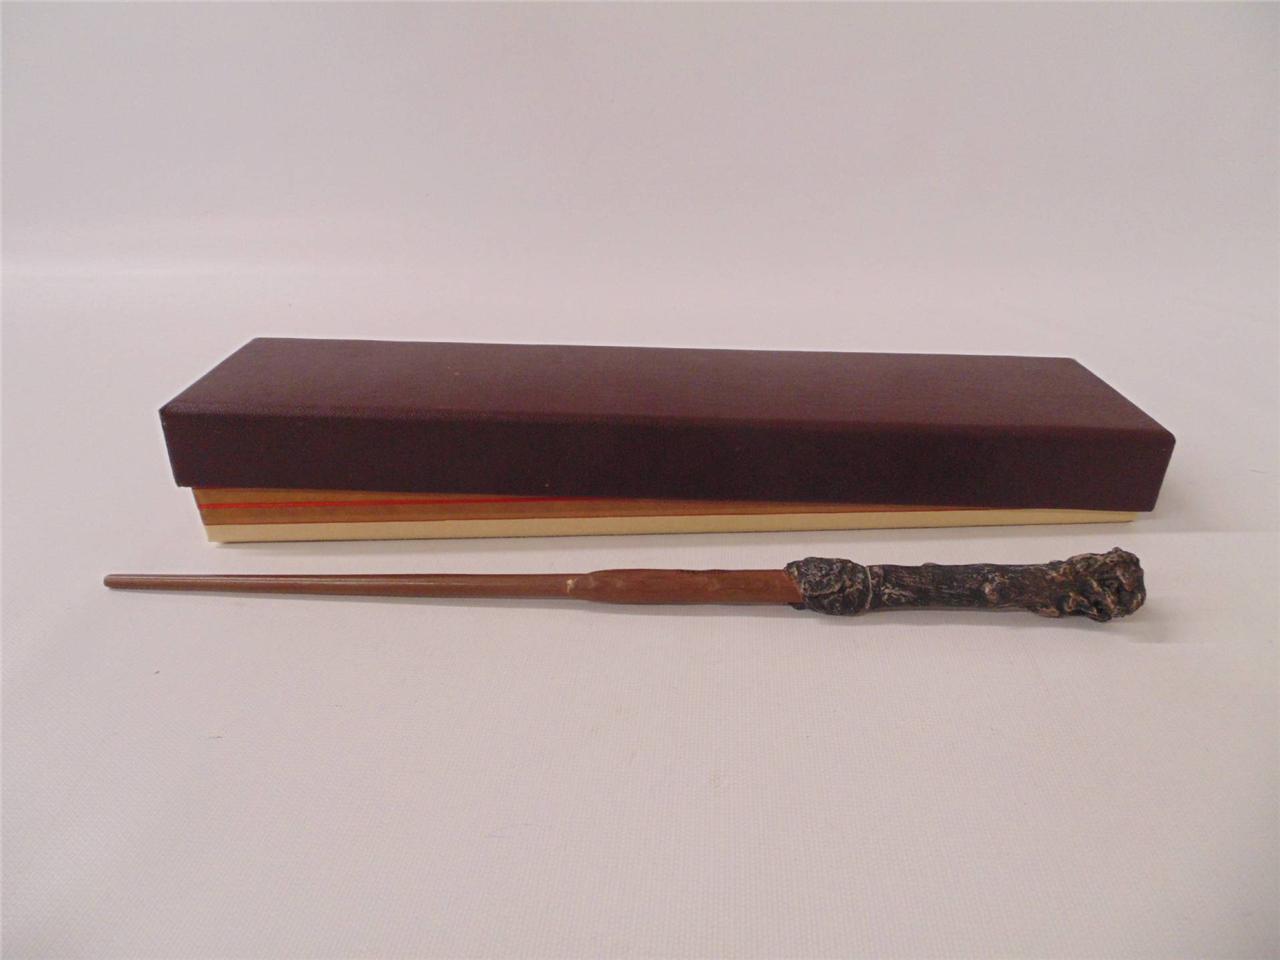 Harry potter wand prop replica ollivander 39 s box noble for Ollivanders elder wand